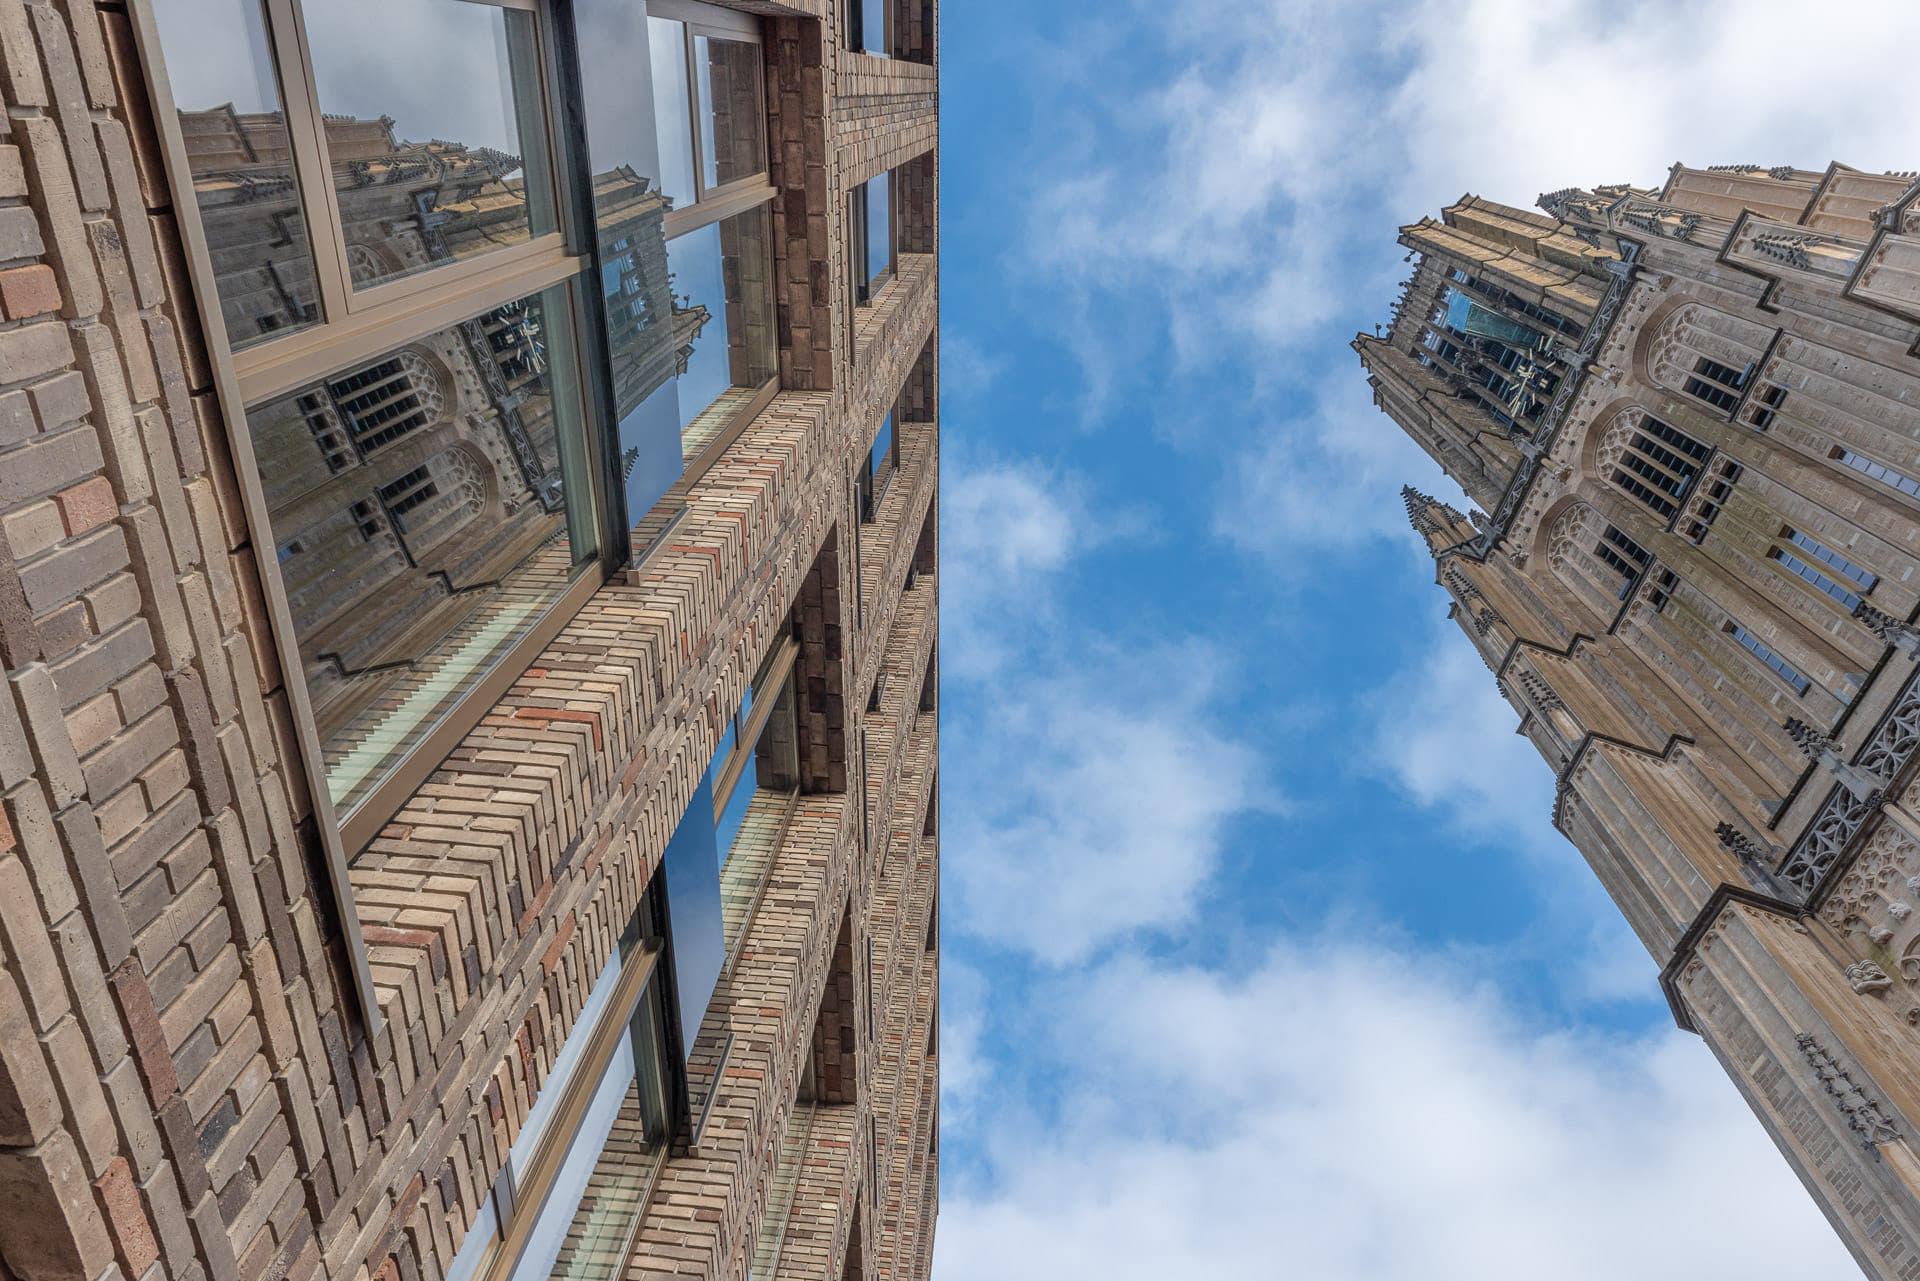 blik omhoog naar de blauwe lucht met rechts een oude kerktoren en links een gebouw waarin de toren weerspiegelt in de ramen